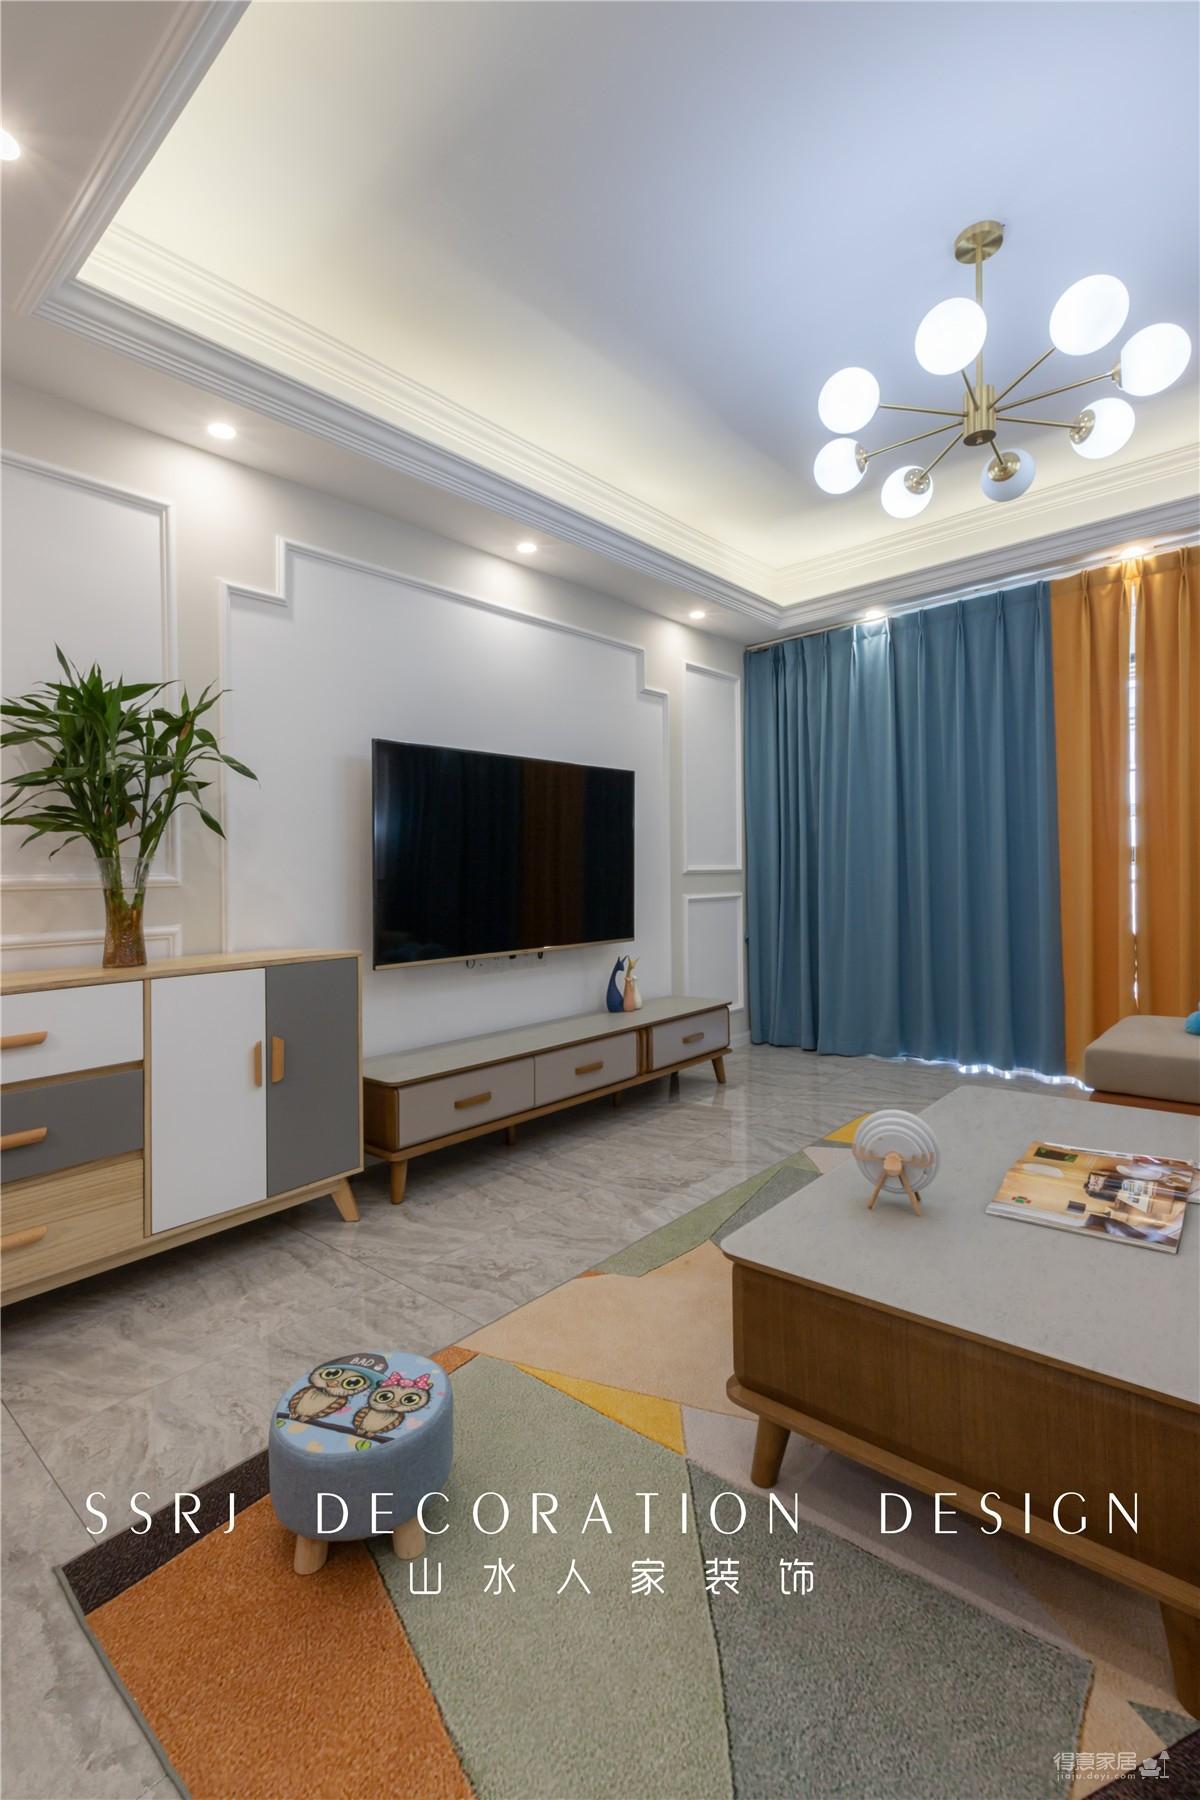 【花山美庐】130平三室两厅北欧